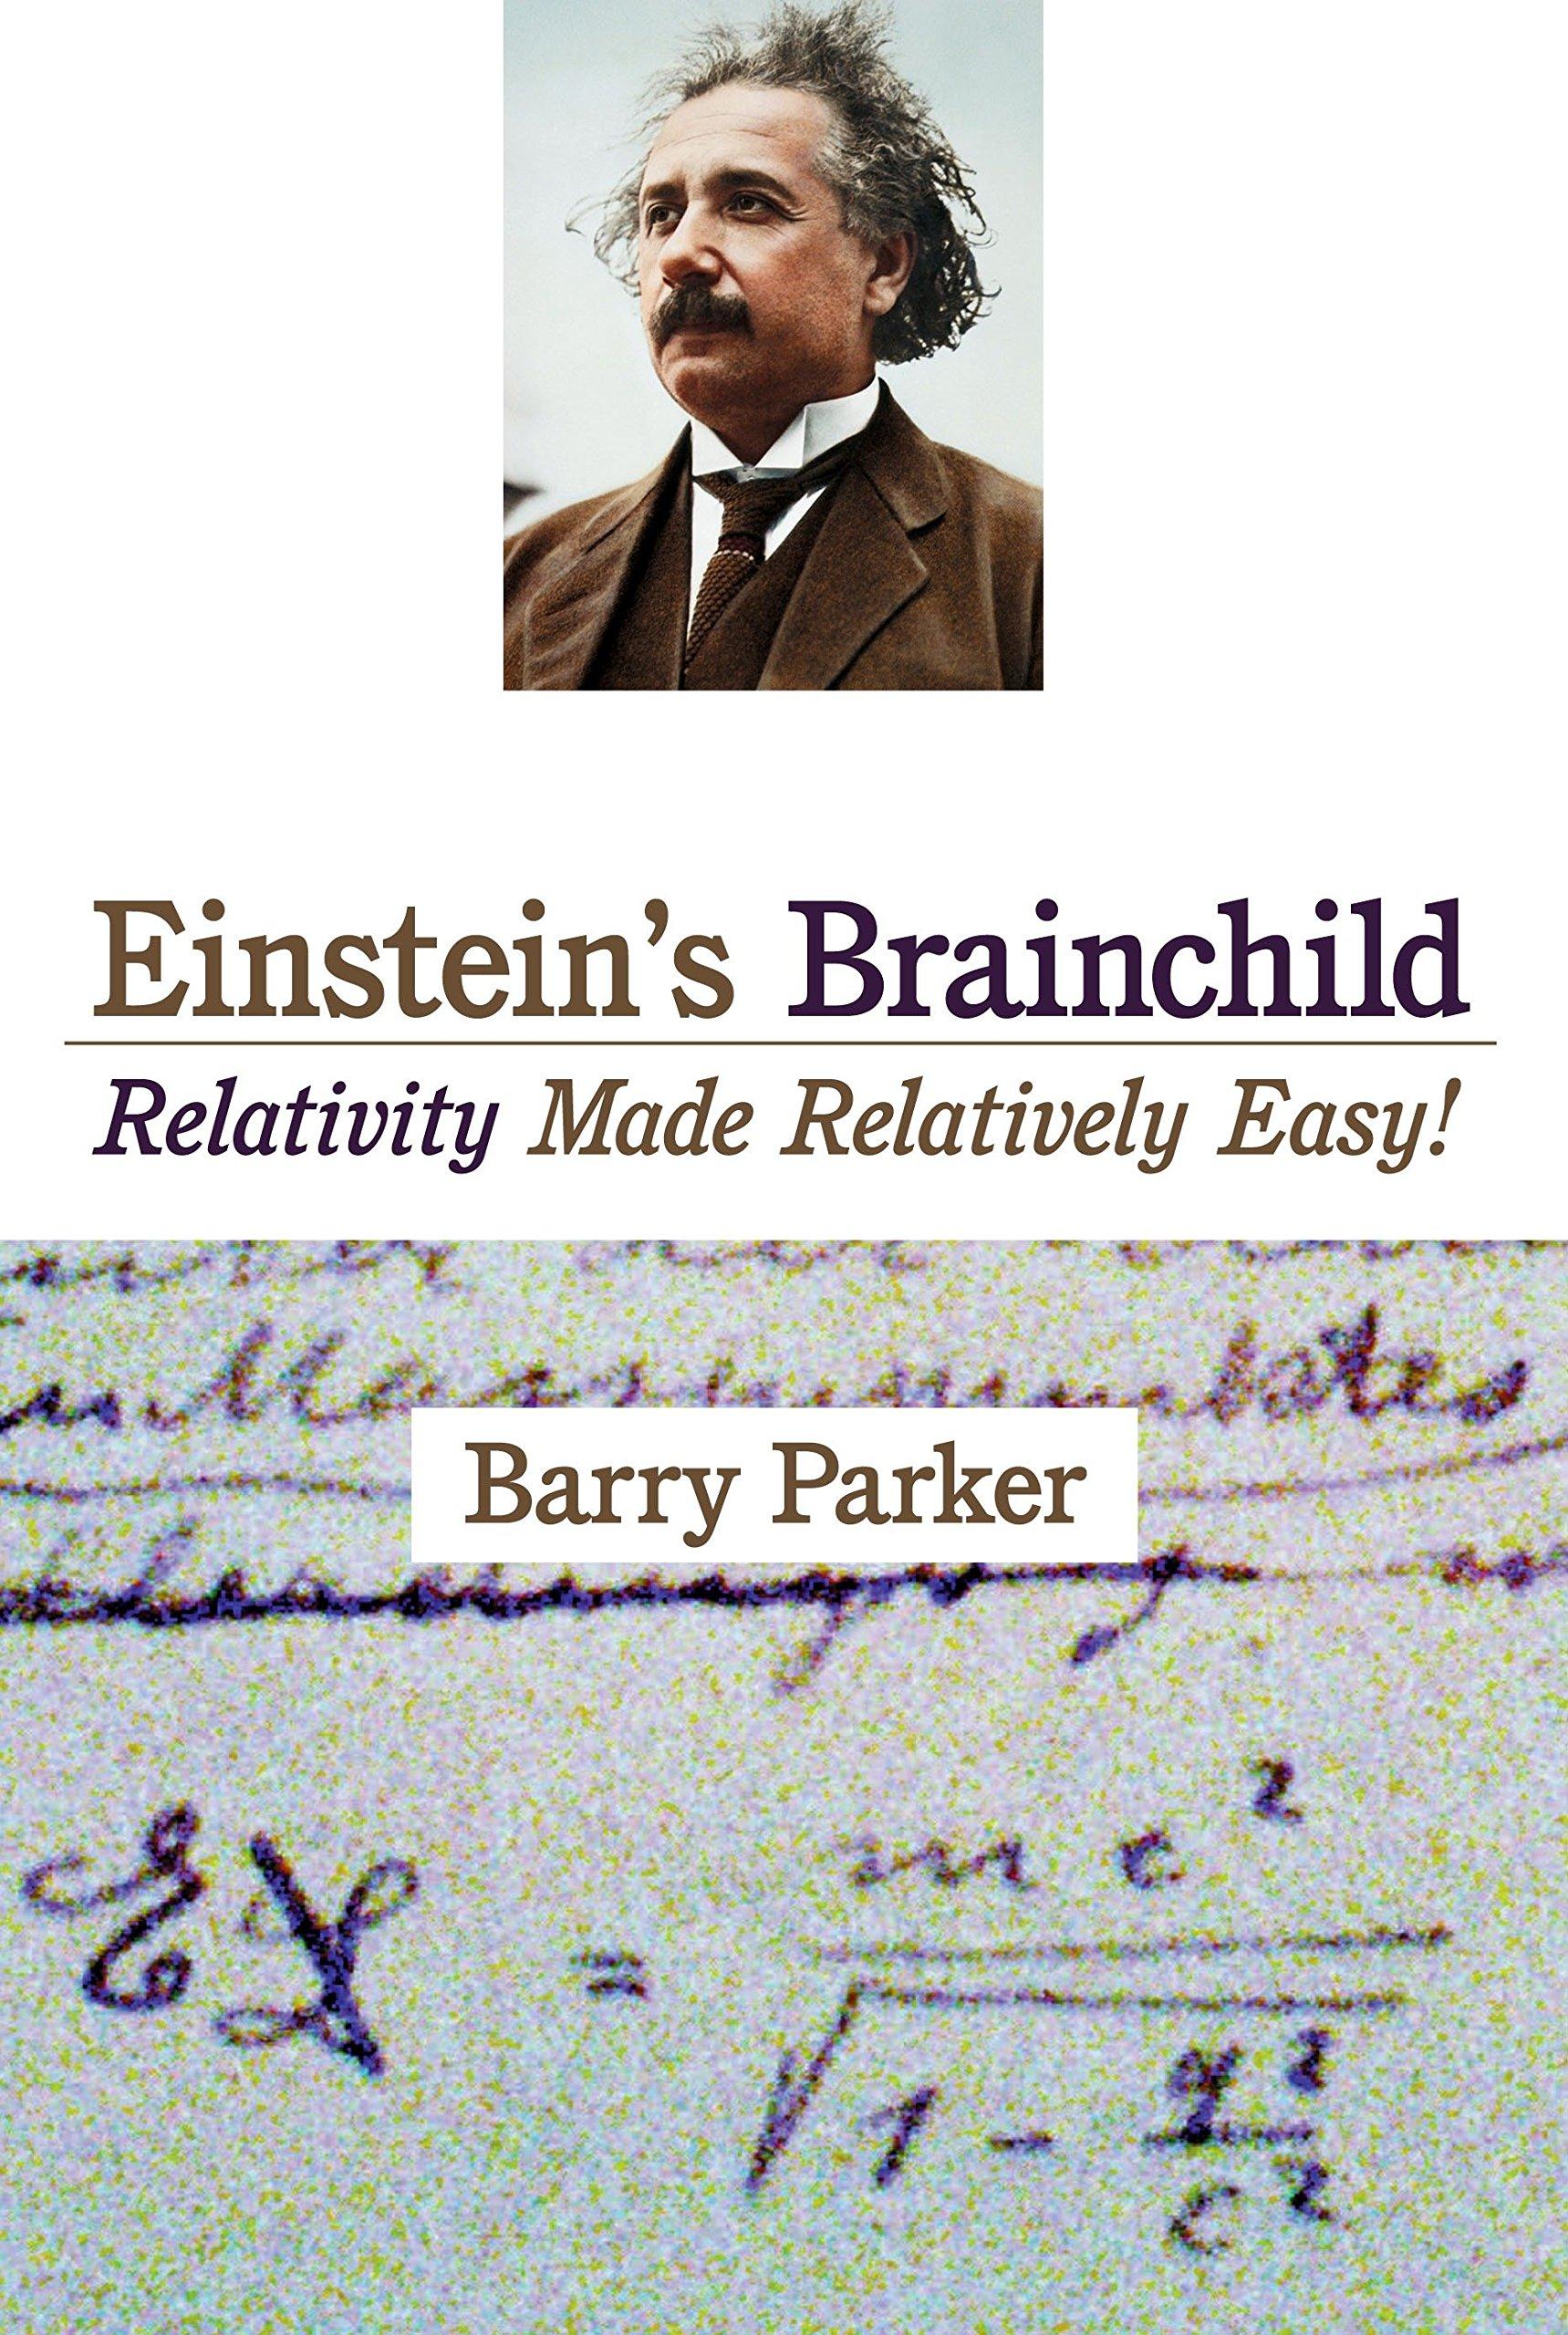 Einstein's Brainchild: Relativity Made Relatively Easy! ebook